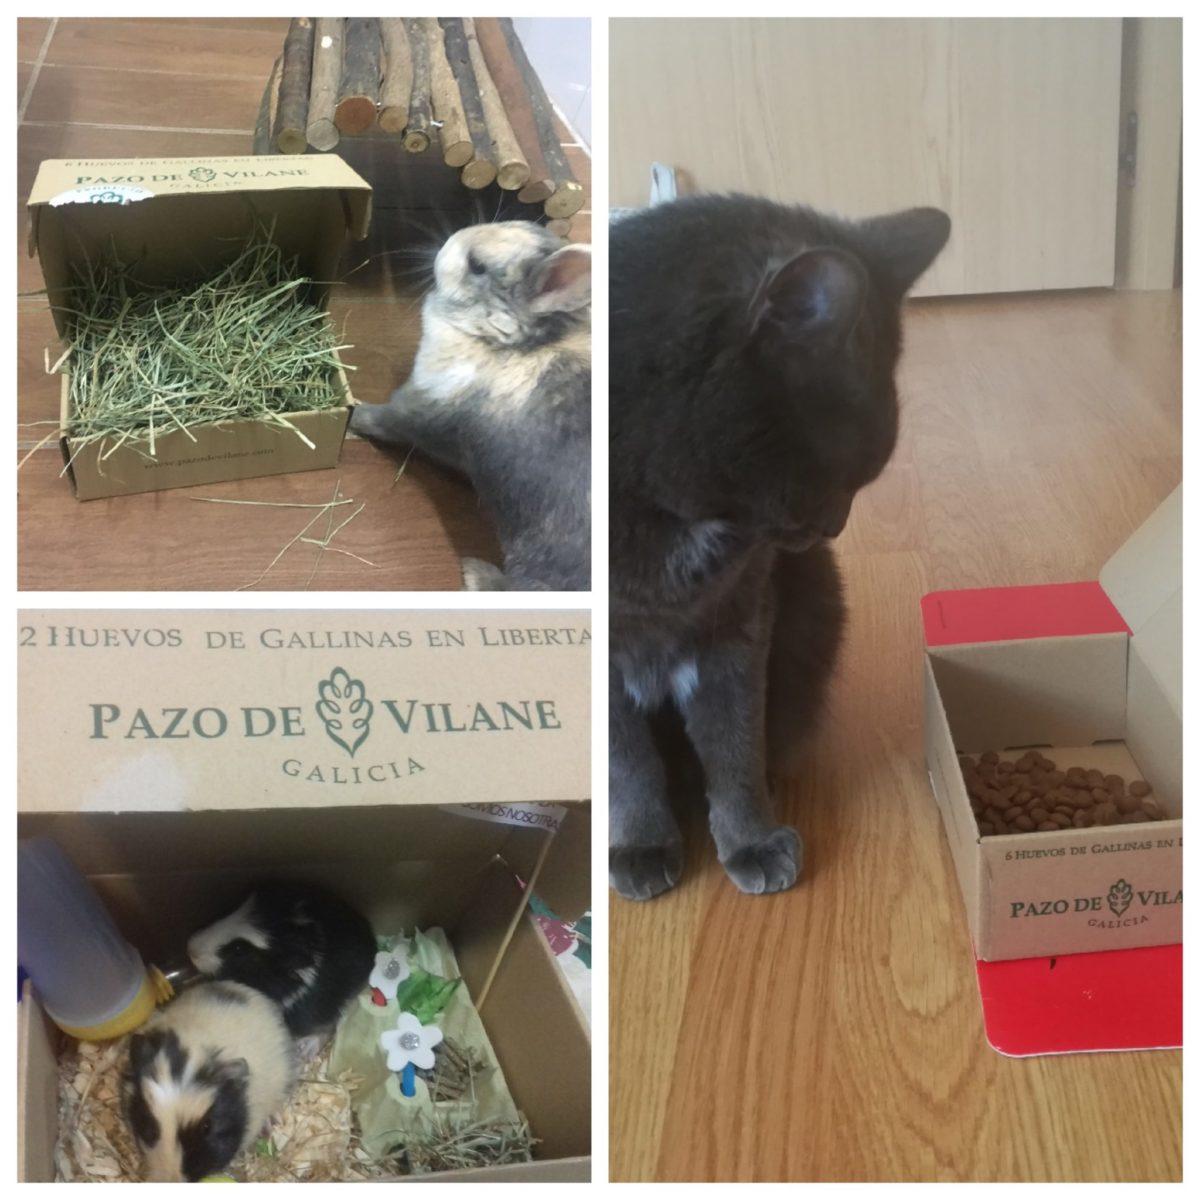 Comederos construidos con la caja de huevos camperos Pazo de Vilane